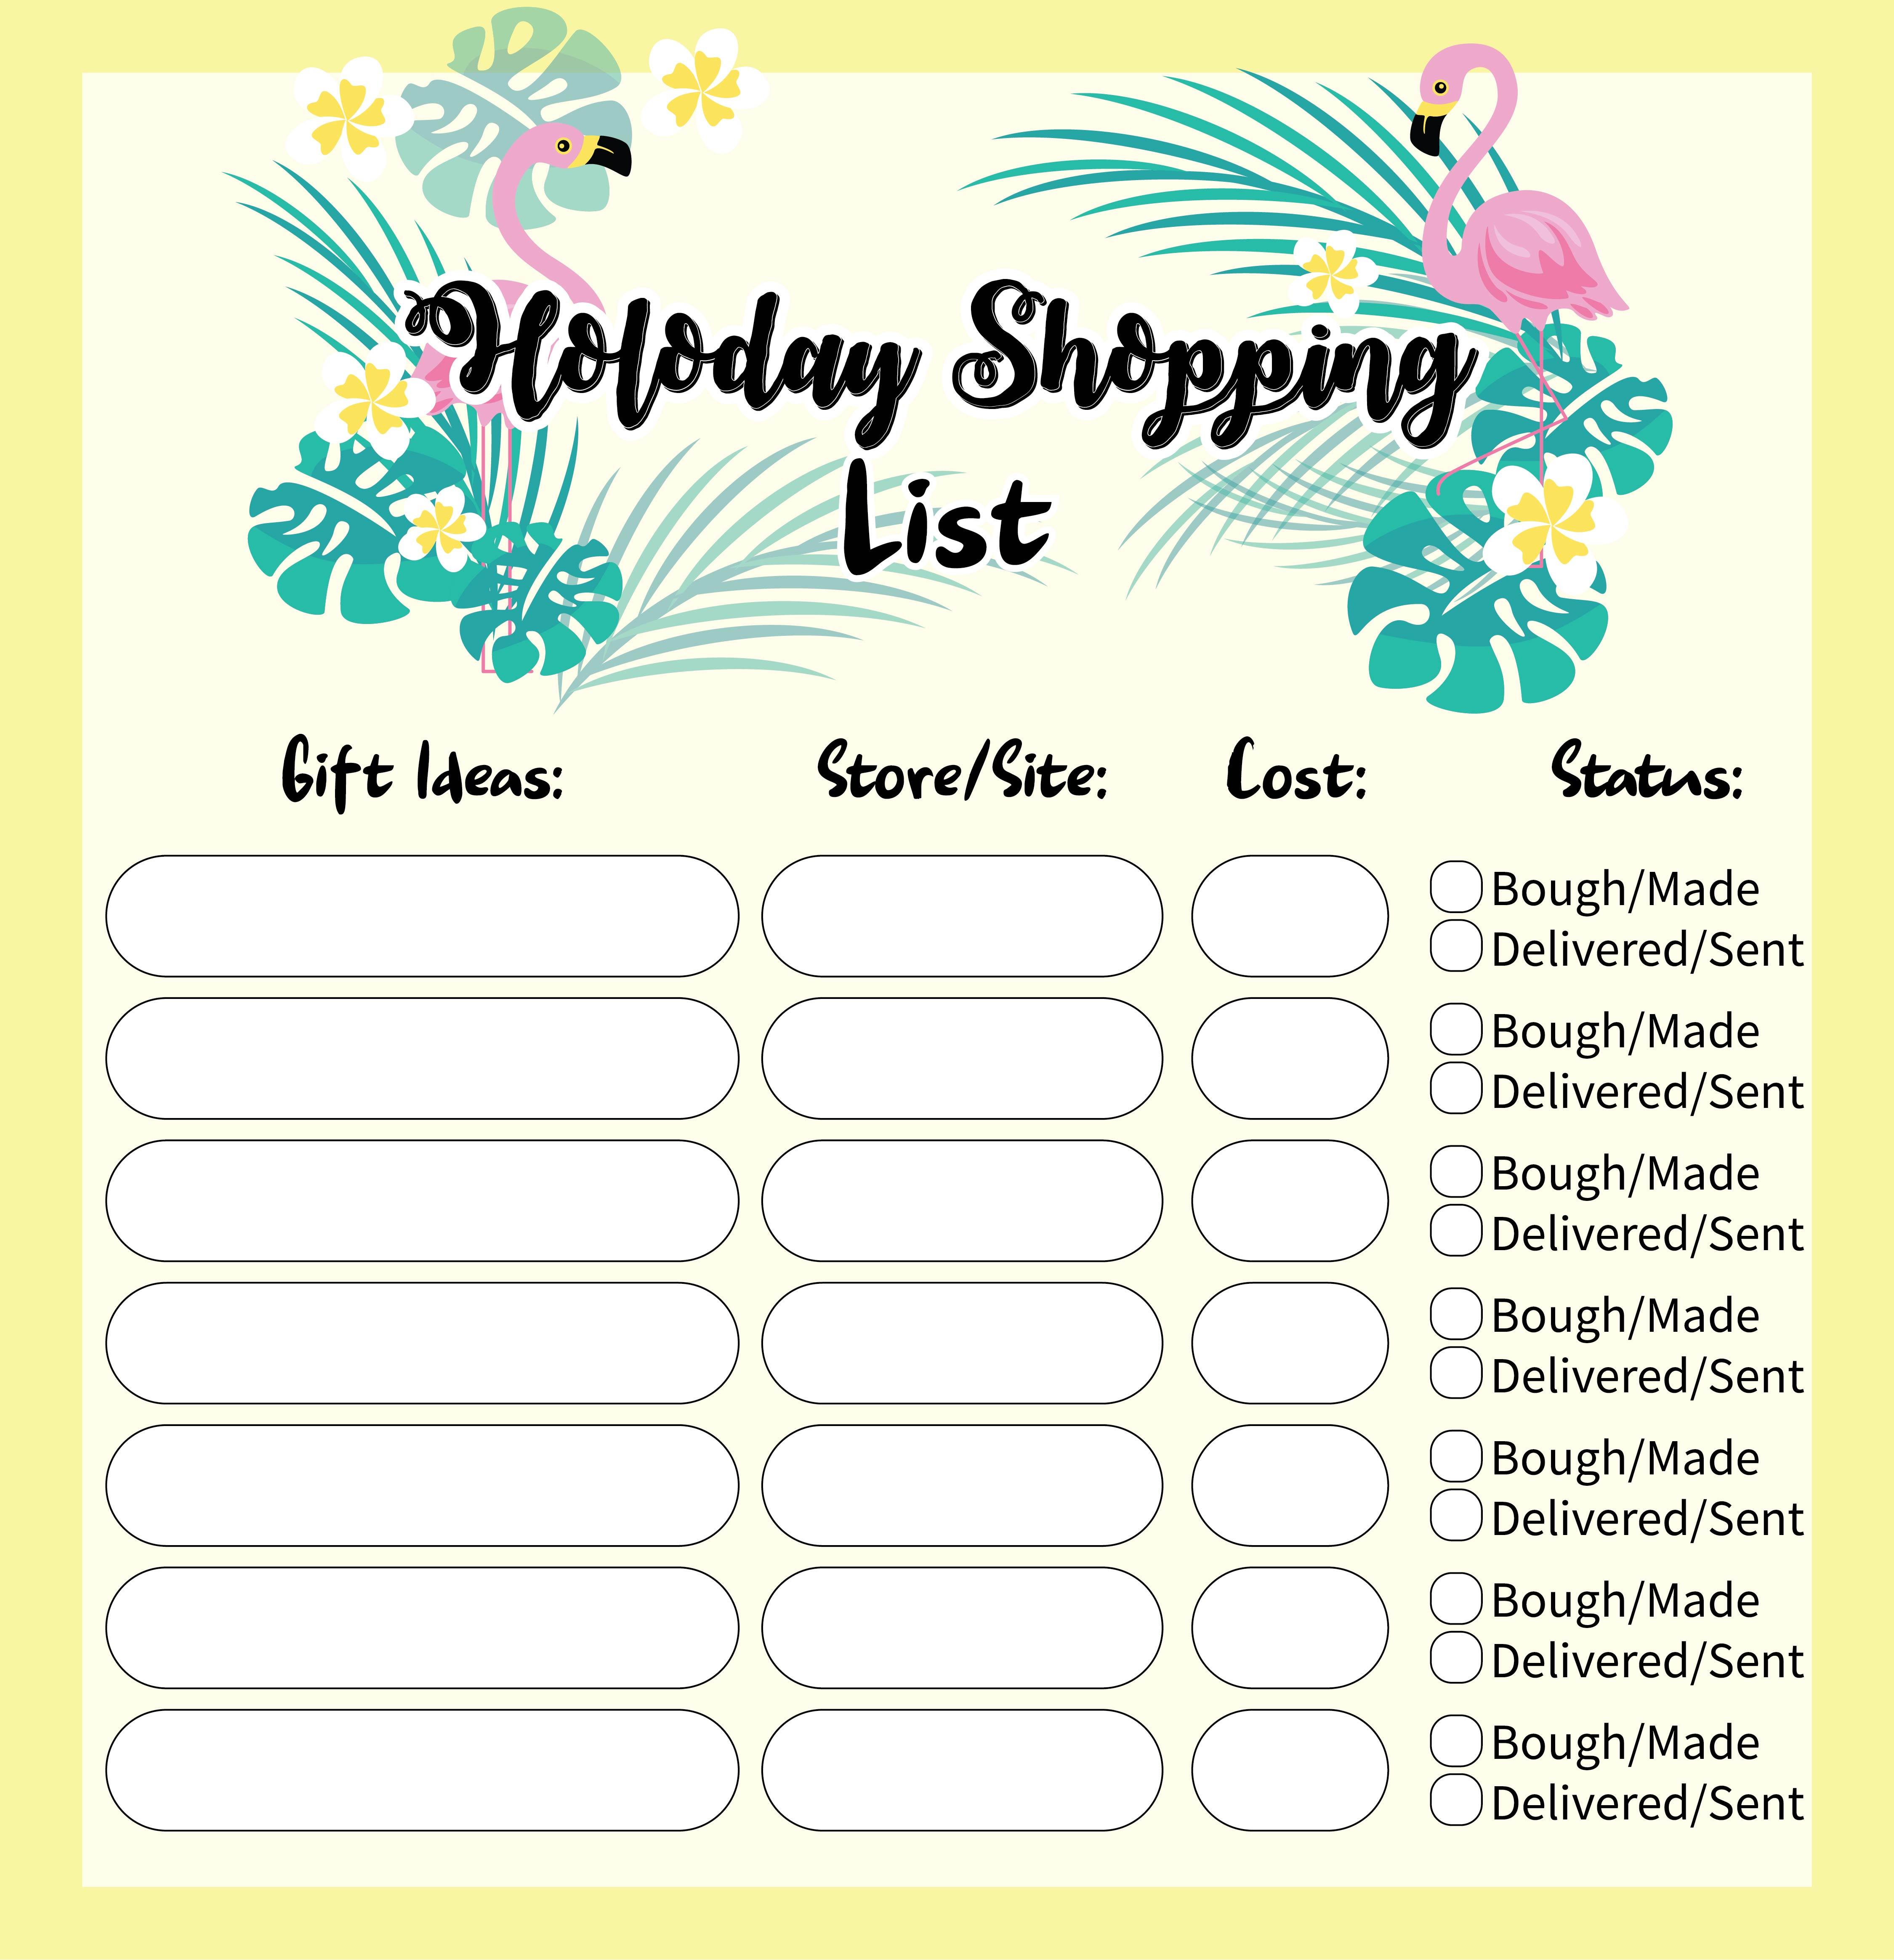 Holiday Shopping List Printable